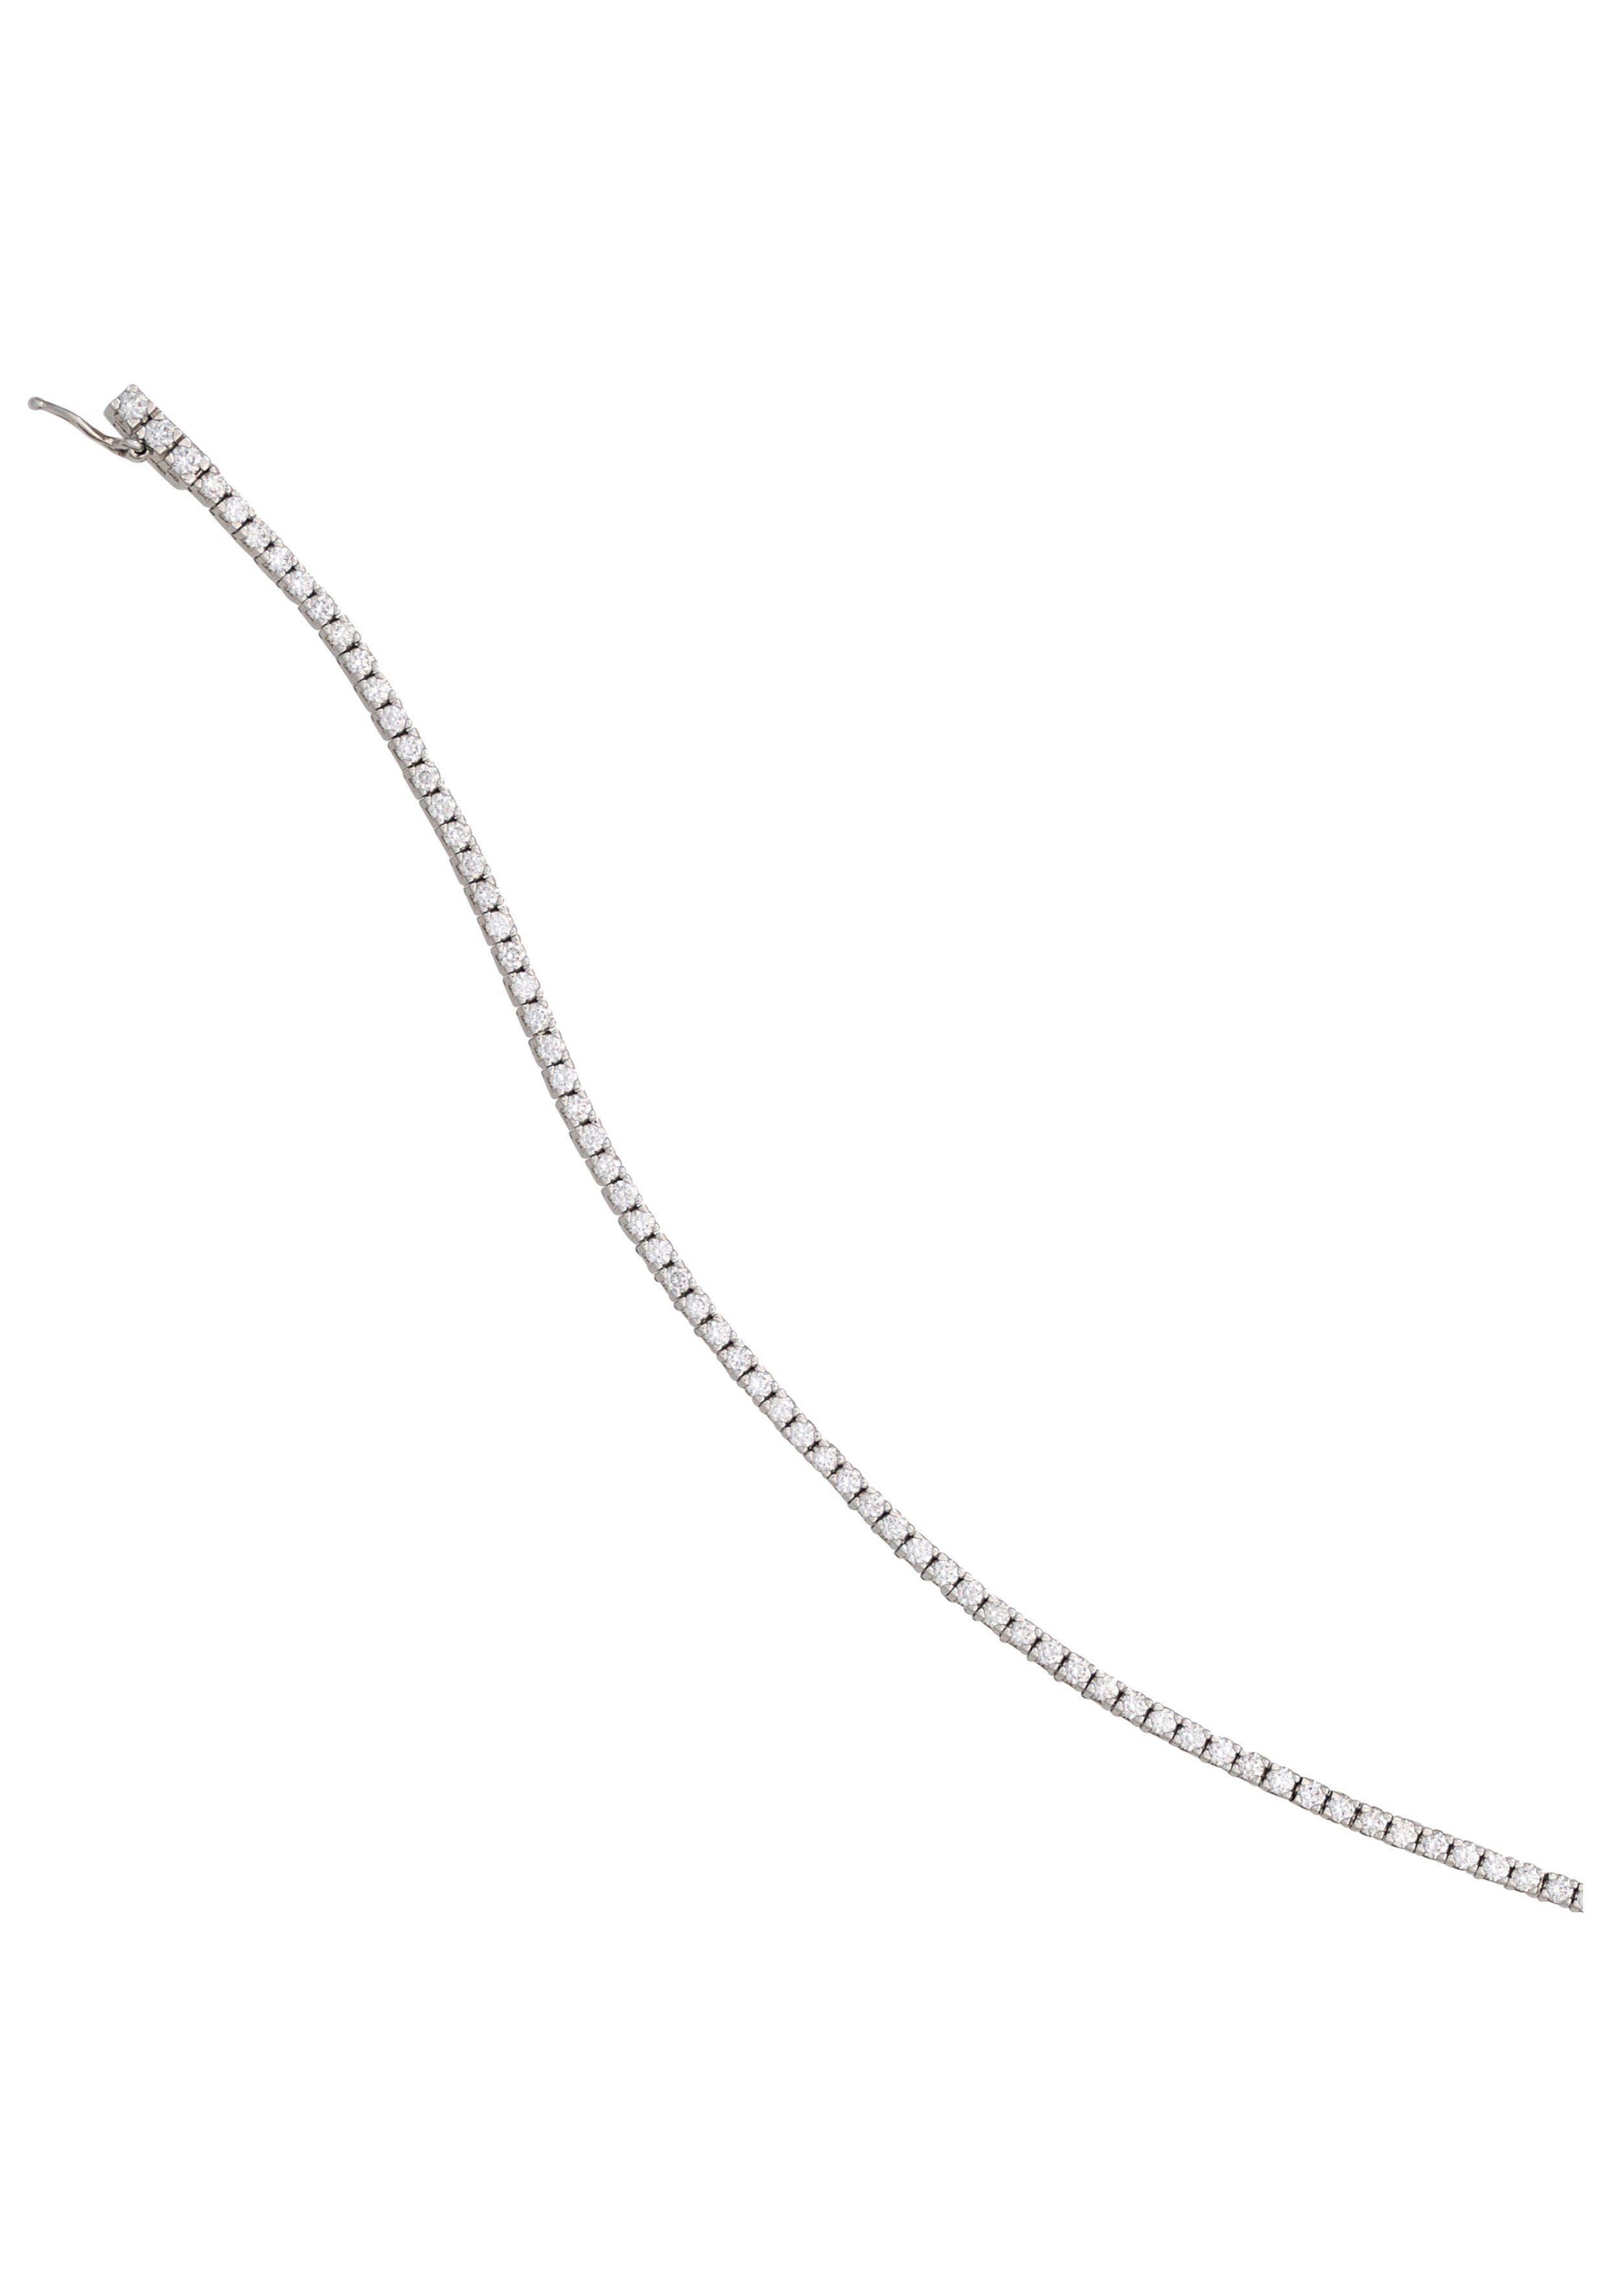 JOBO Goldarmband 750 Weißgold mit 83 Diamanten